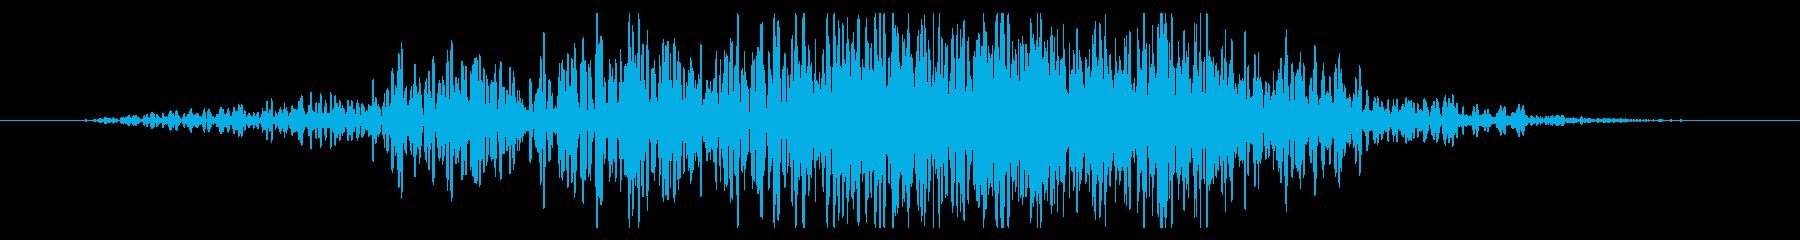 斬撃 ディープスコールヘビー01の再生済みの波形